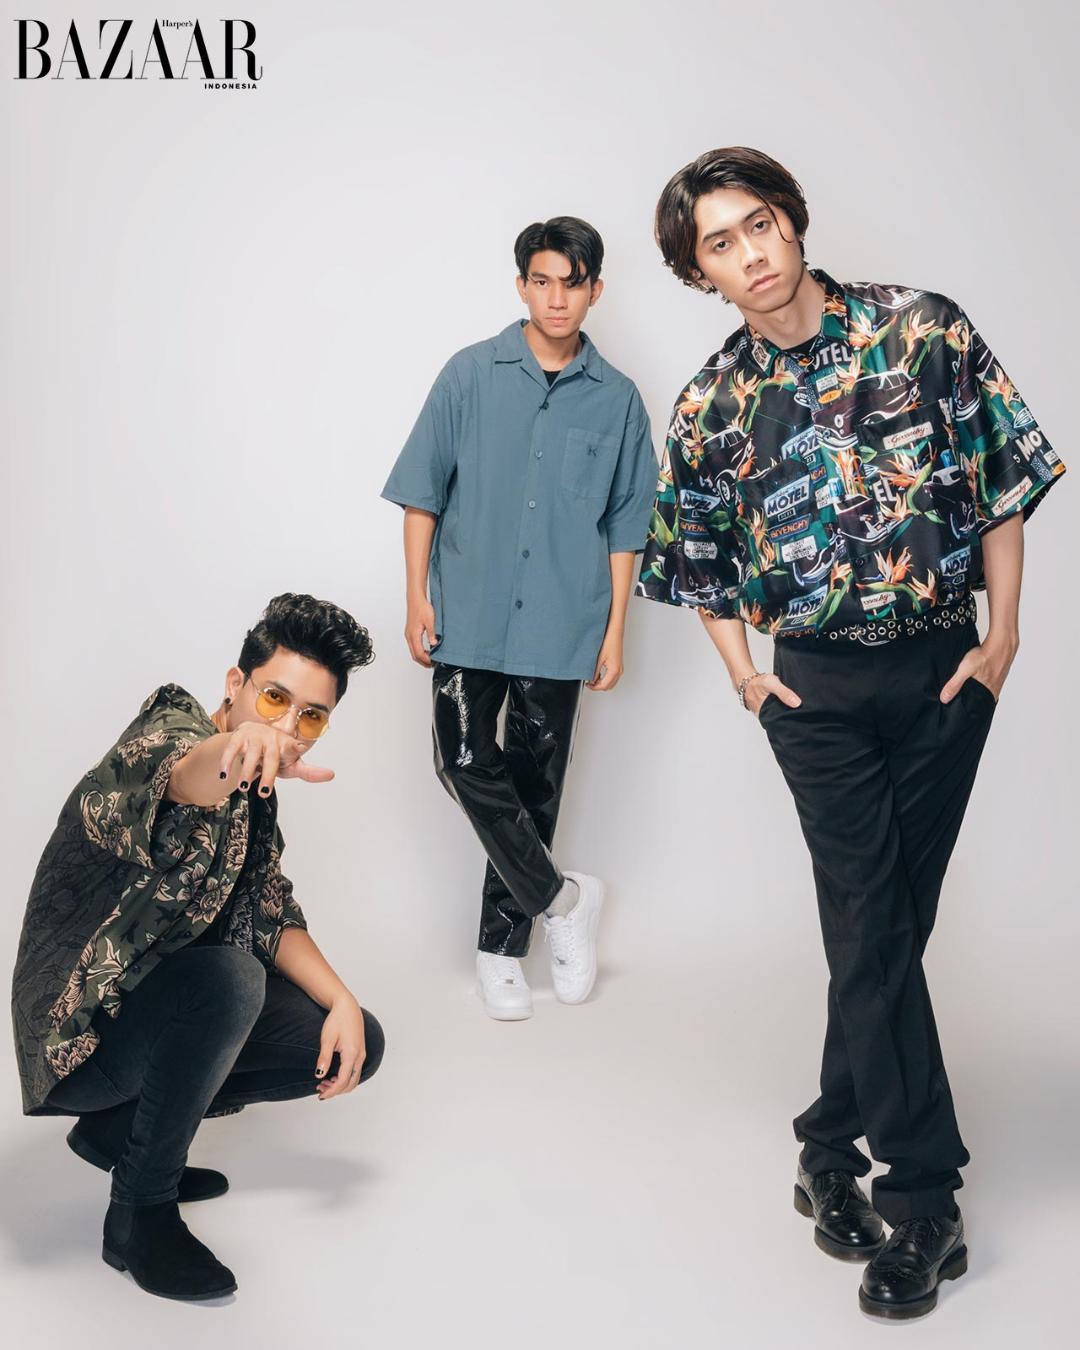 Farhan dan Shandy mengenakan kemeja dari Givenchy, sedangkan Ricky mengenakan kemeja Kenzo.